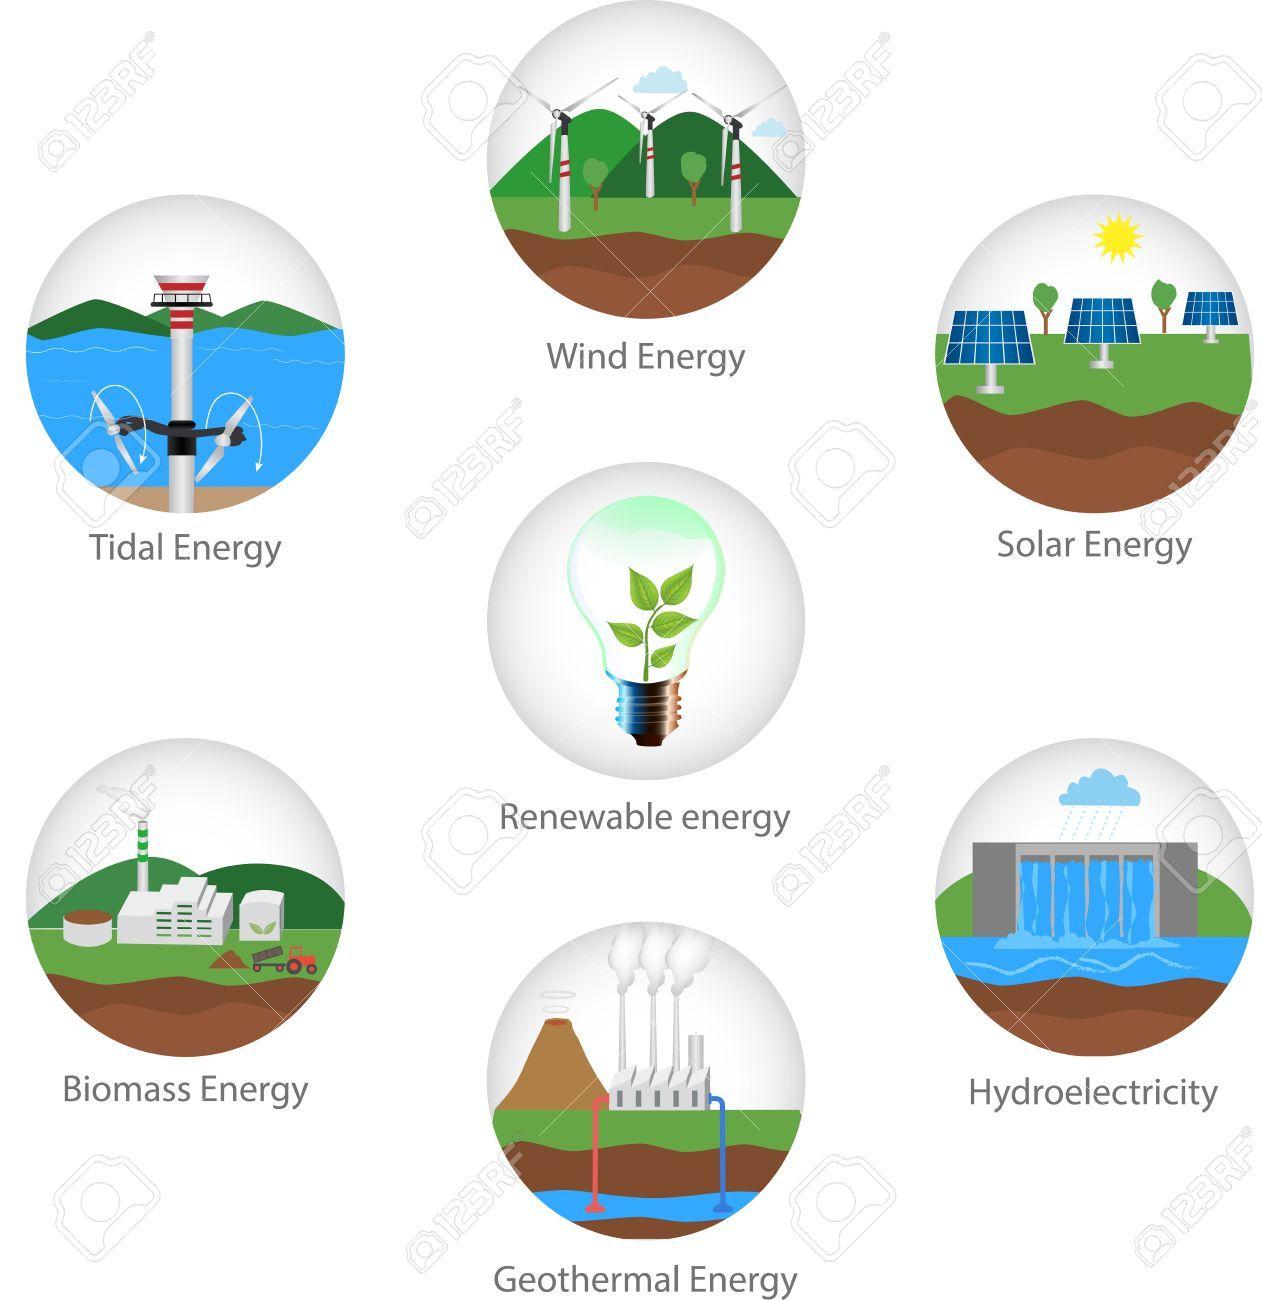 Tipos De Energia Renovable Iconos De Plantas De Energia Solar Eolica Hidraulica Biocombustibles Energia Geotermica Energia De Las Mareas Alternativa Reno Tipos De Energia Renovable Energia Renovable Tipos De Energia